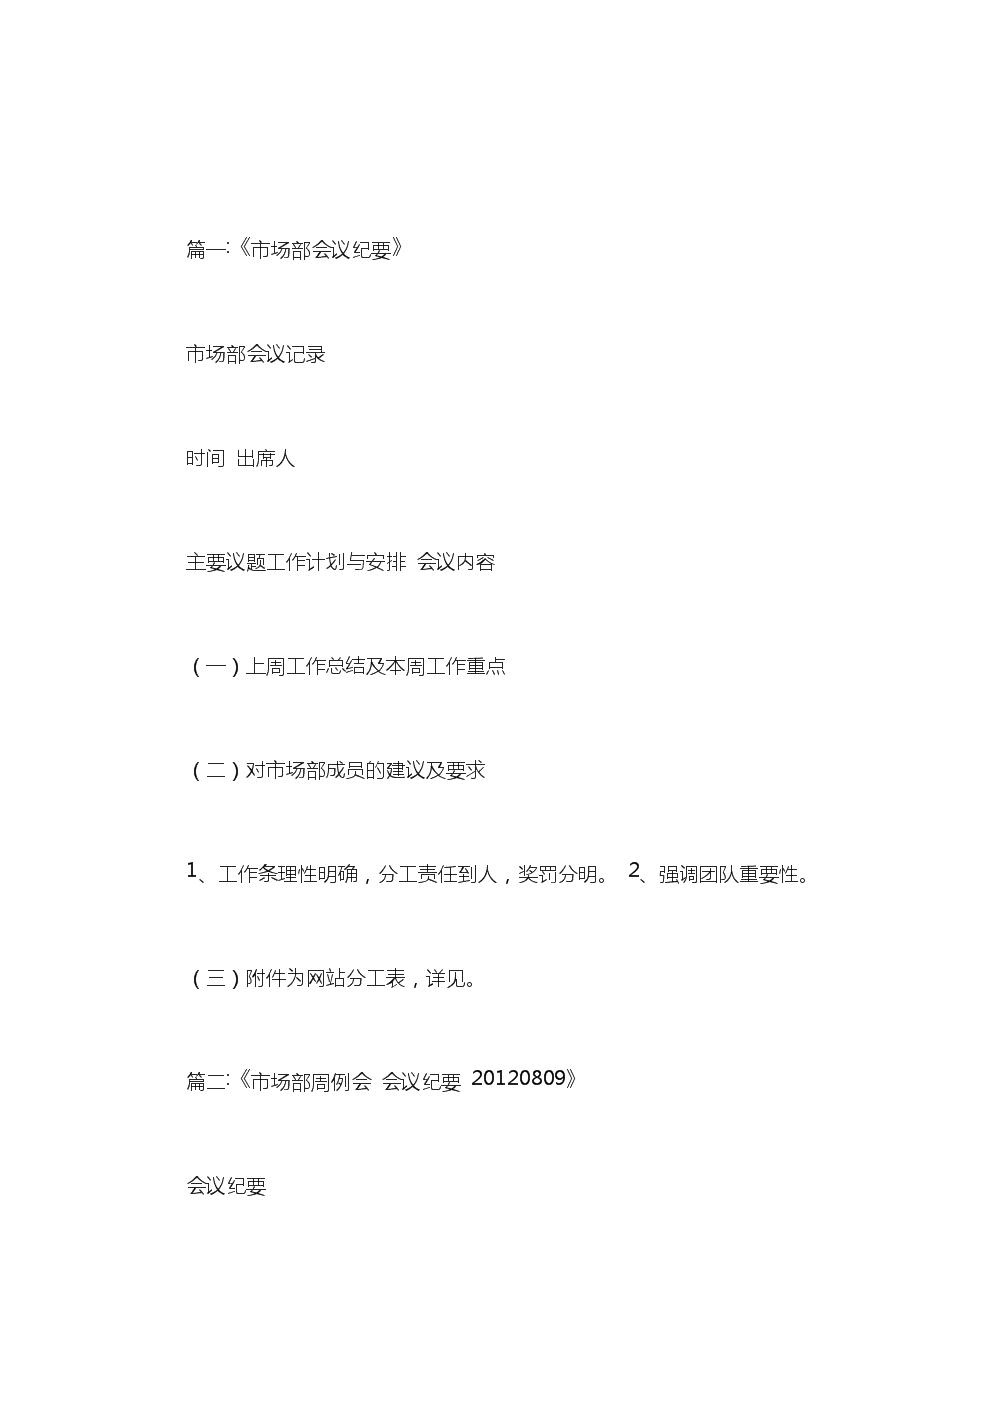 市场部会议纪要范文.doc